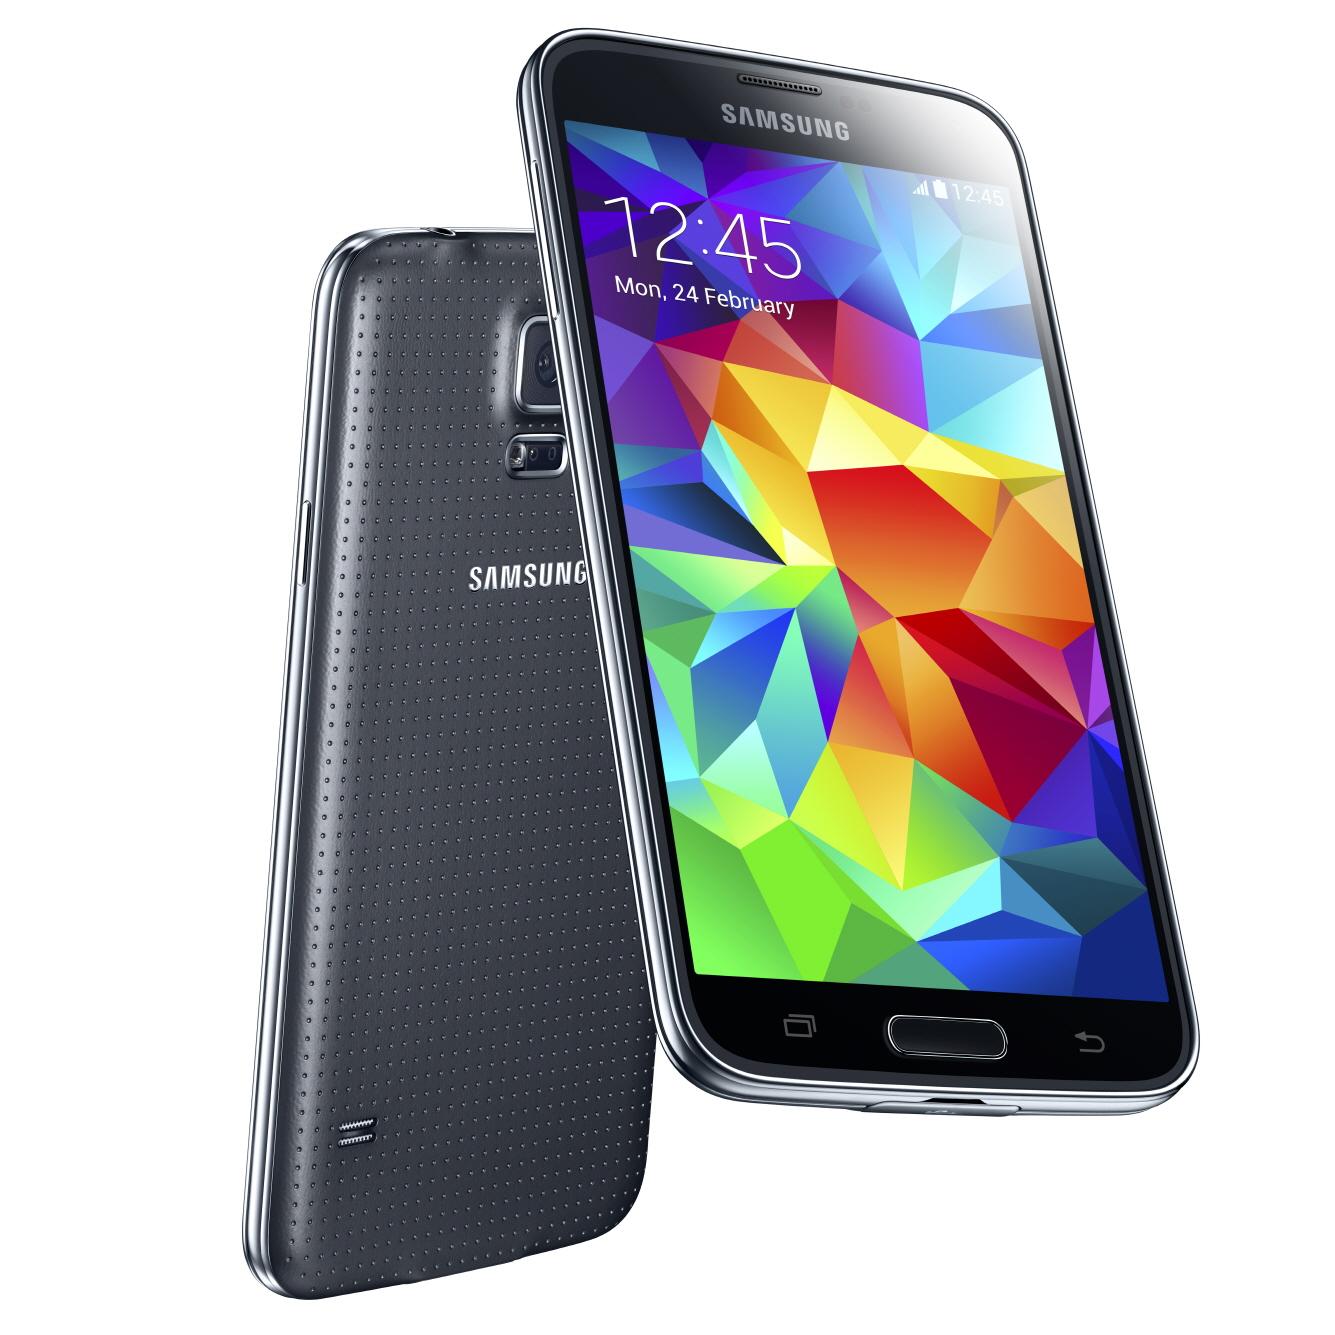 5 أسباب لشراء الهاتف الذكي Samsung Galaxy S5 - عالم التقنية